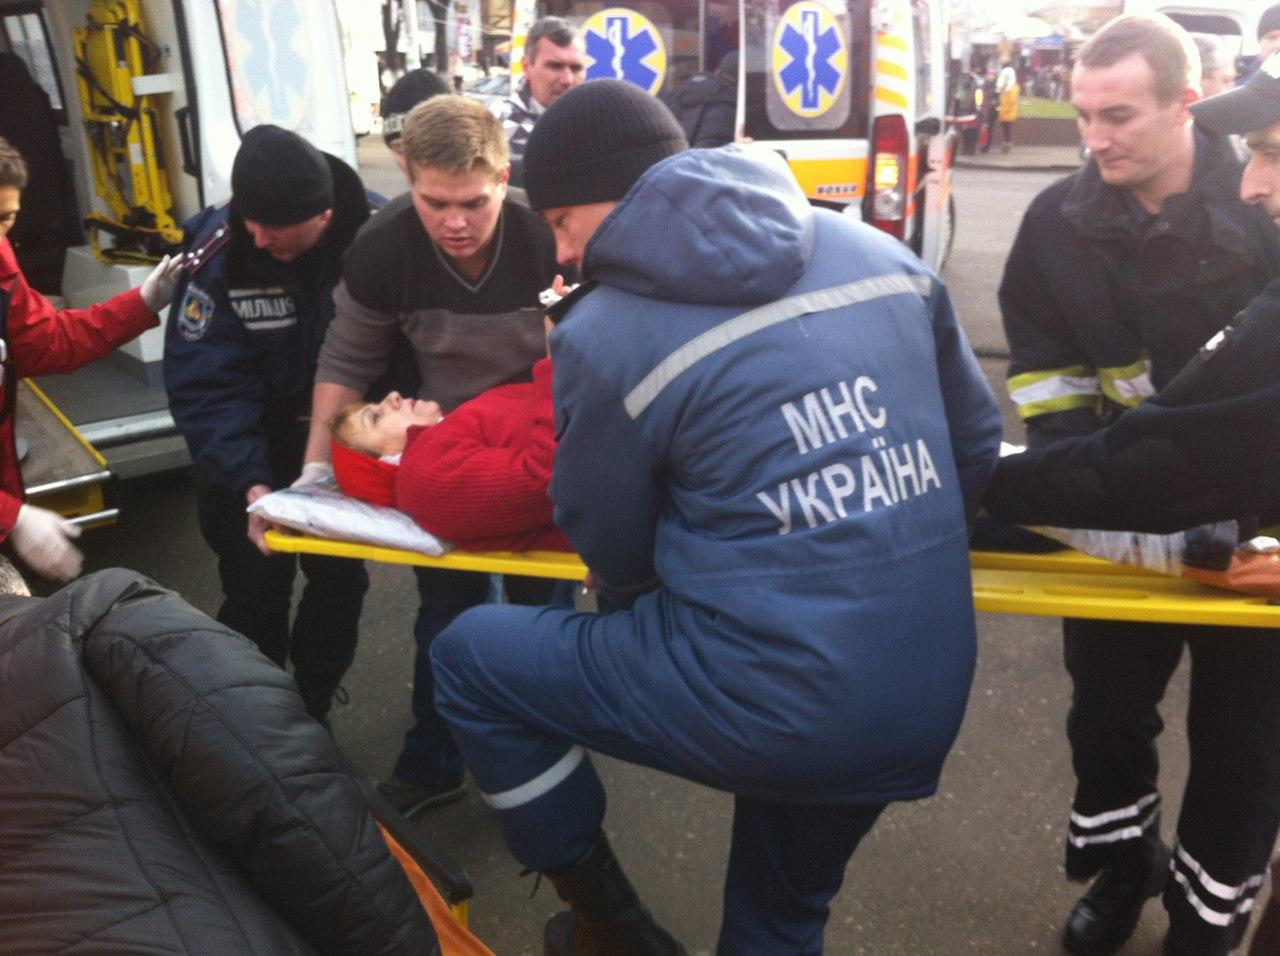 ФОТО: В Черкассах вихрь оборвал билборд. Пострадали 7 человек